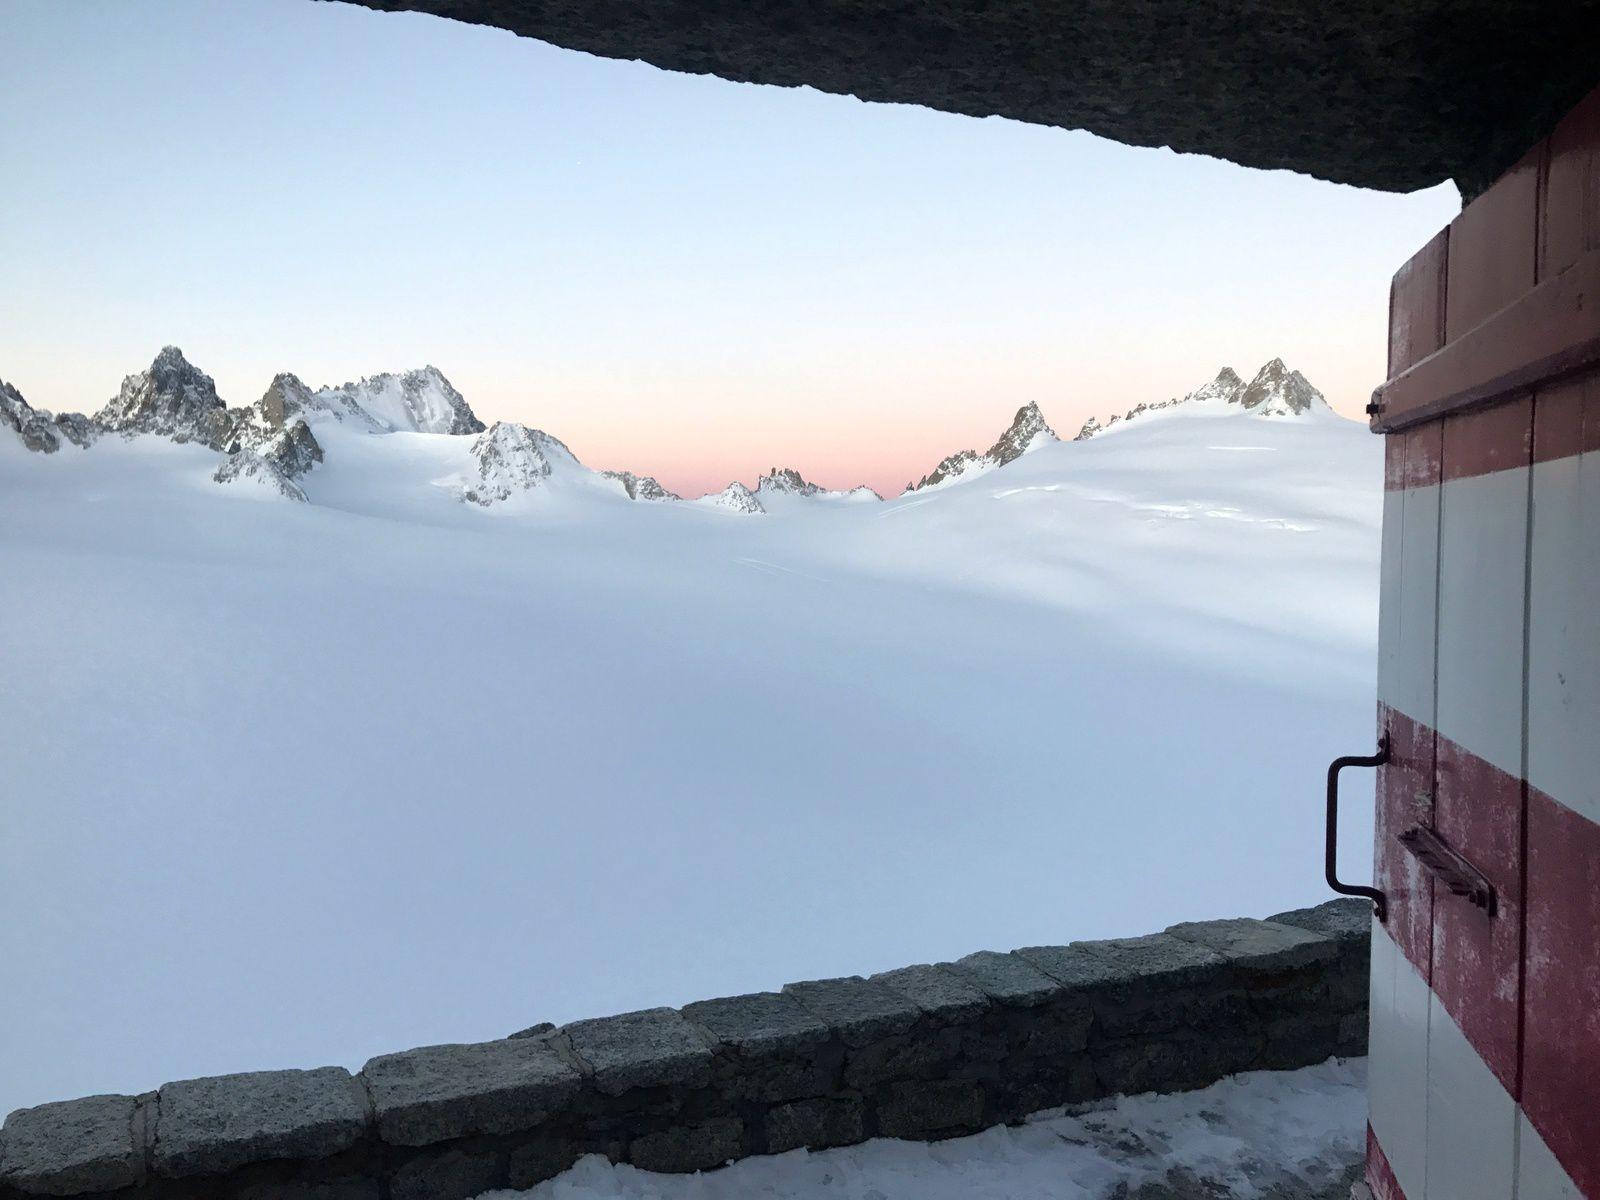 Voyages et Raids à skis https://www.geromegualaguidechamonix.com